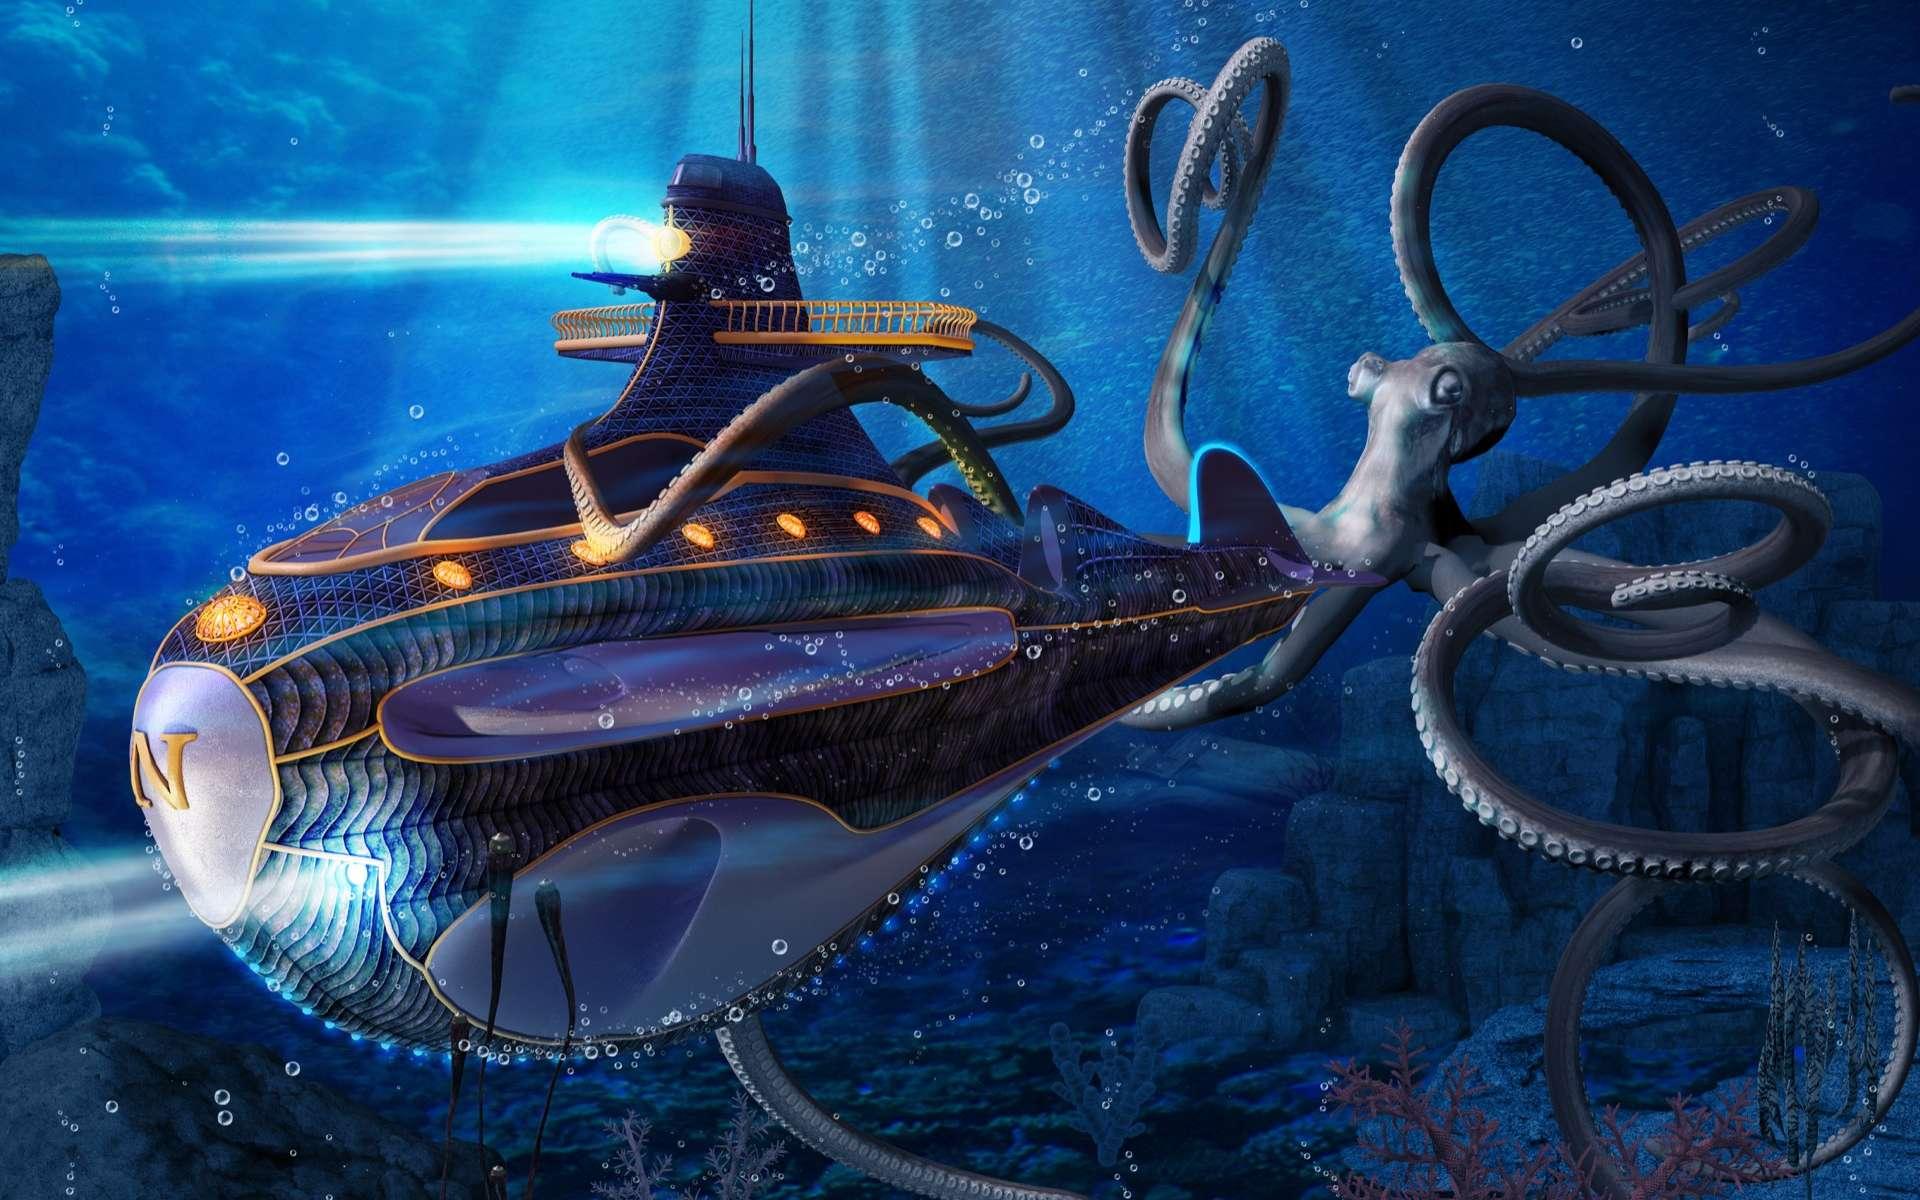 En combattant des poulpes de dimensions colossales, un marin du Nautilus est emporté par une des créatures. © Ratpack223, Adobe Stock